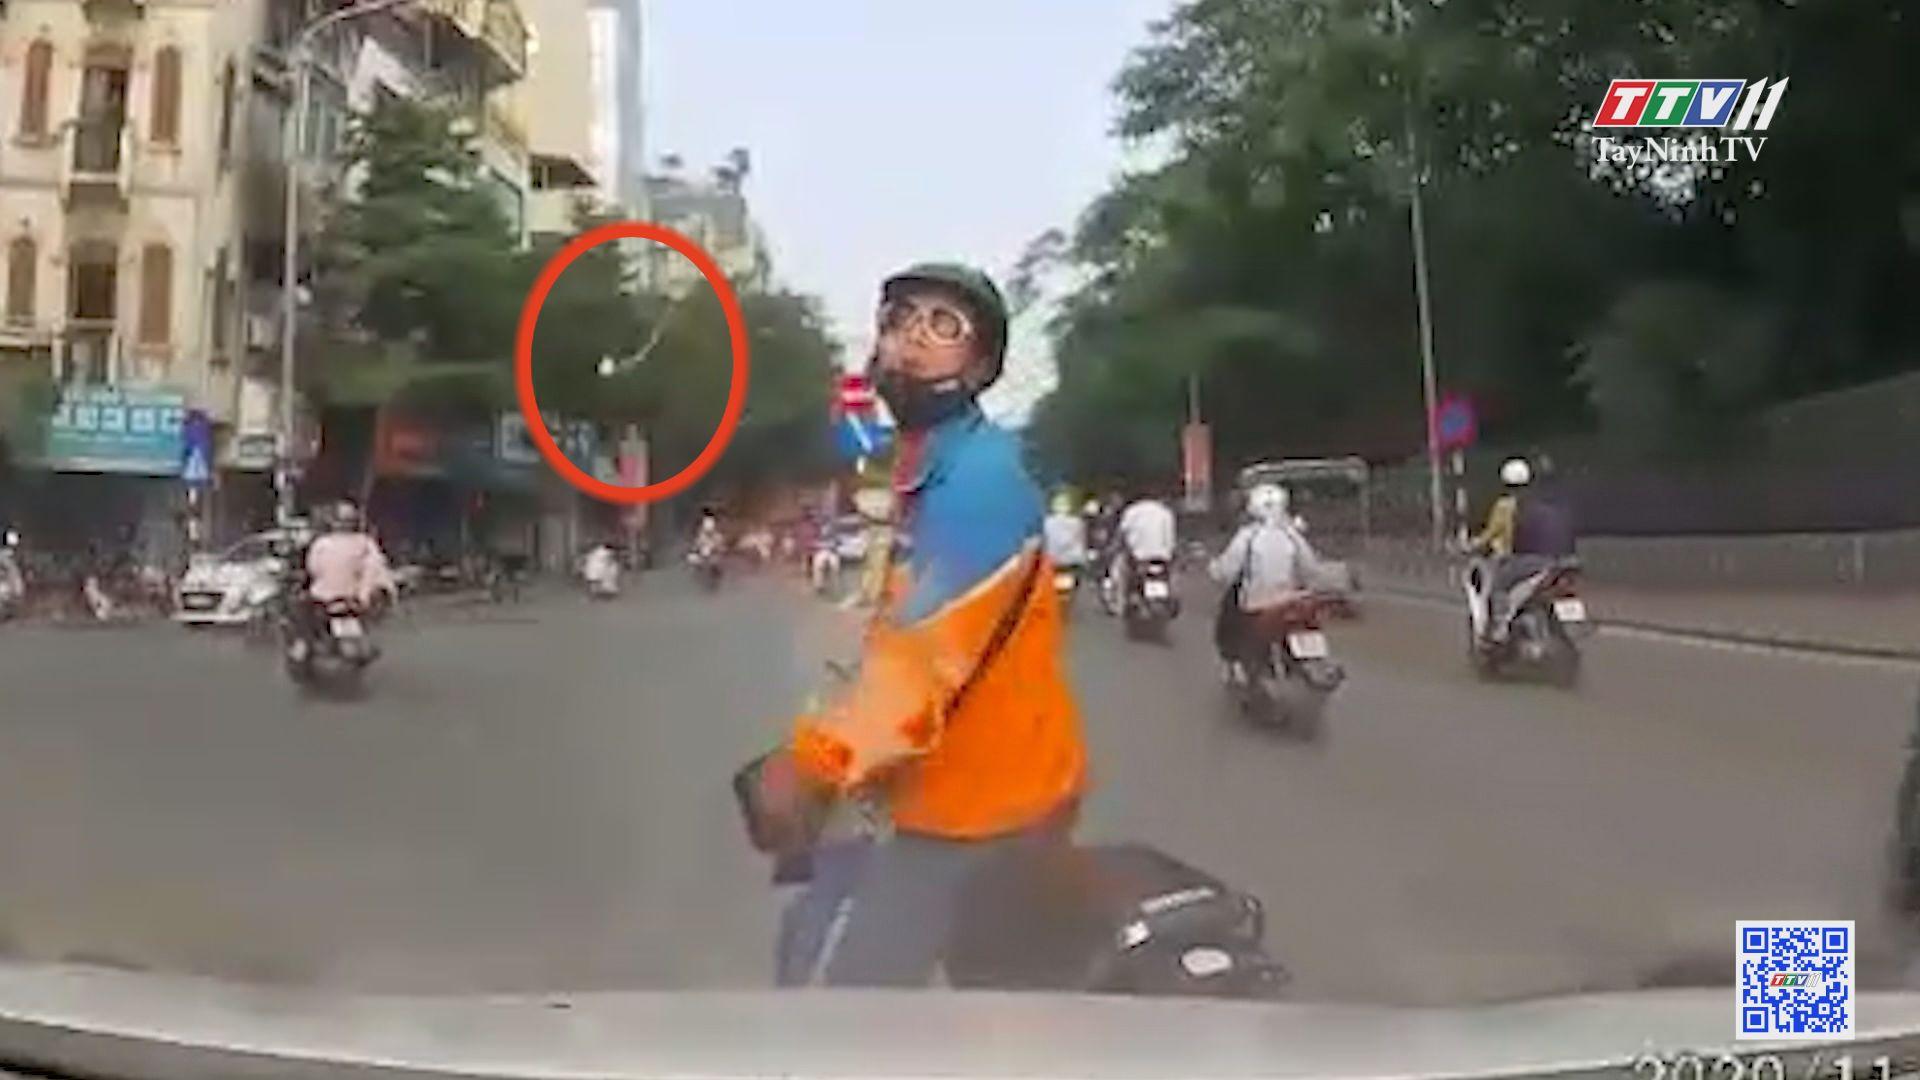 Va chạm giao thông... dùng hung khí... lạ | GIAO LỘ BÌNH AN | TayNinhTVE